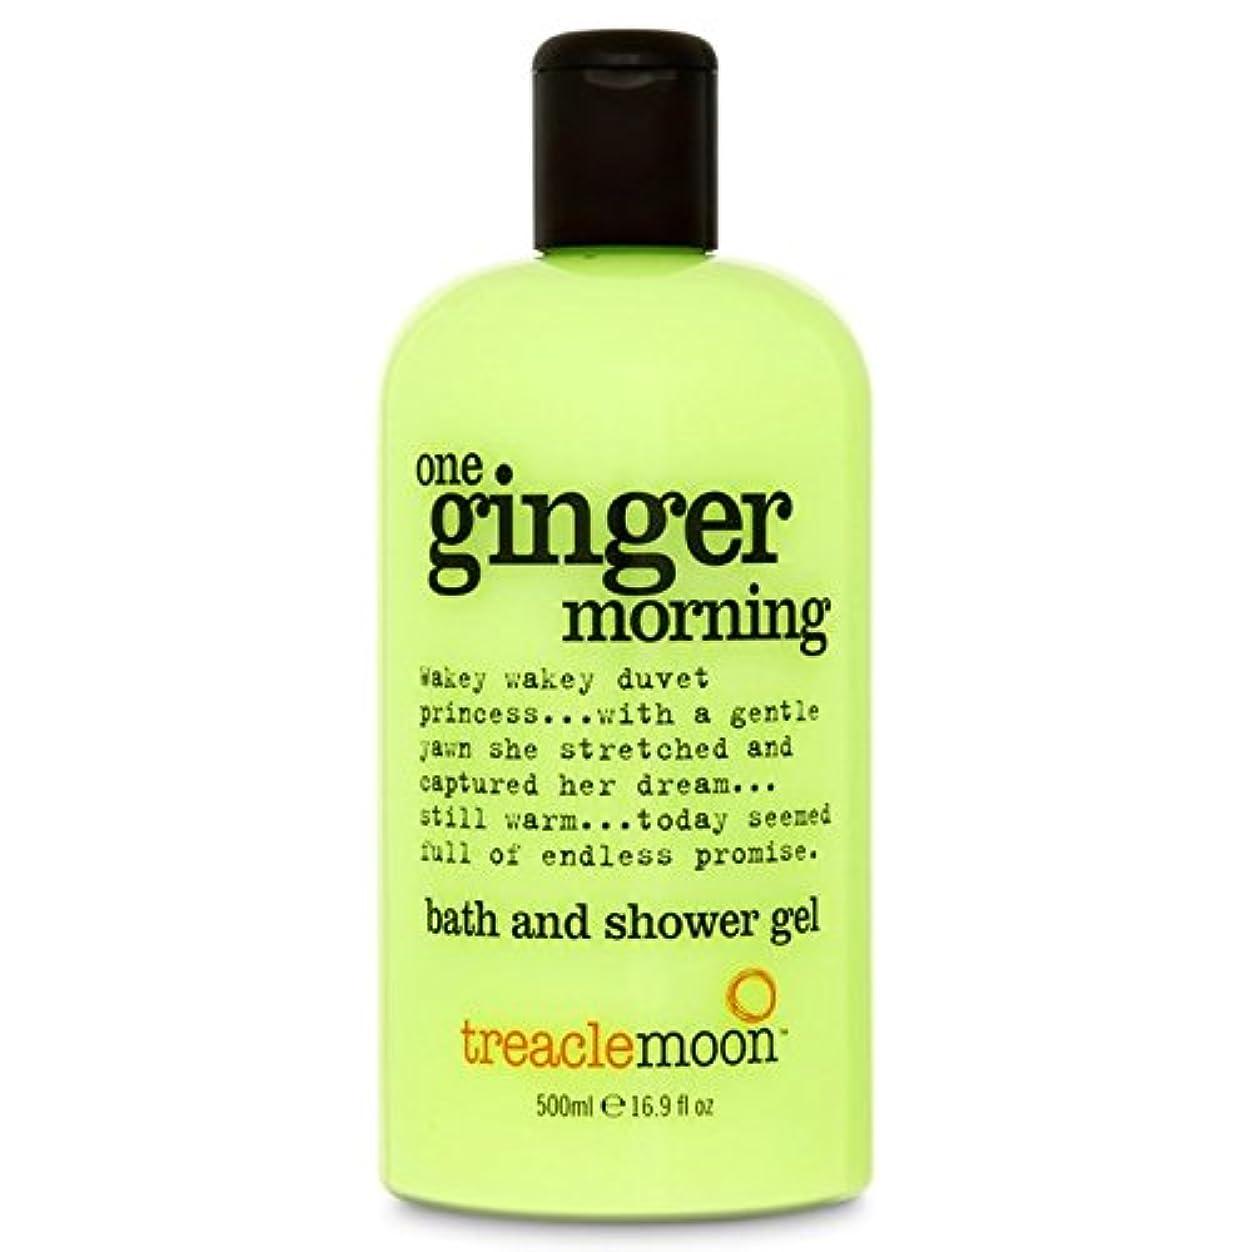 カート方程式社員Treacle Moon Ginger Bath & Shower Gel 500ml - 糖蜜ムーンジンジャーバス&シャワージェル500ミリリットル [並行輸入品]